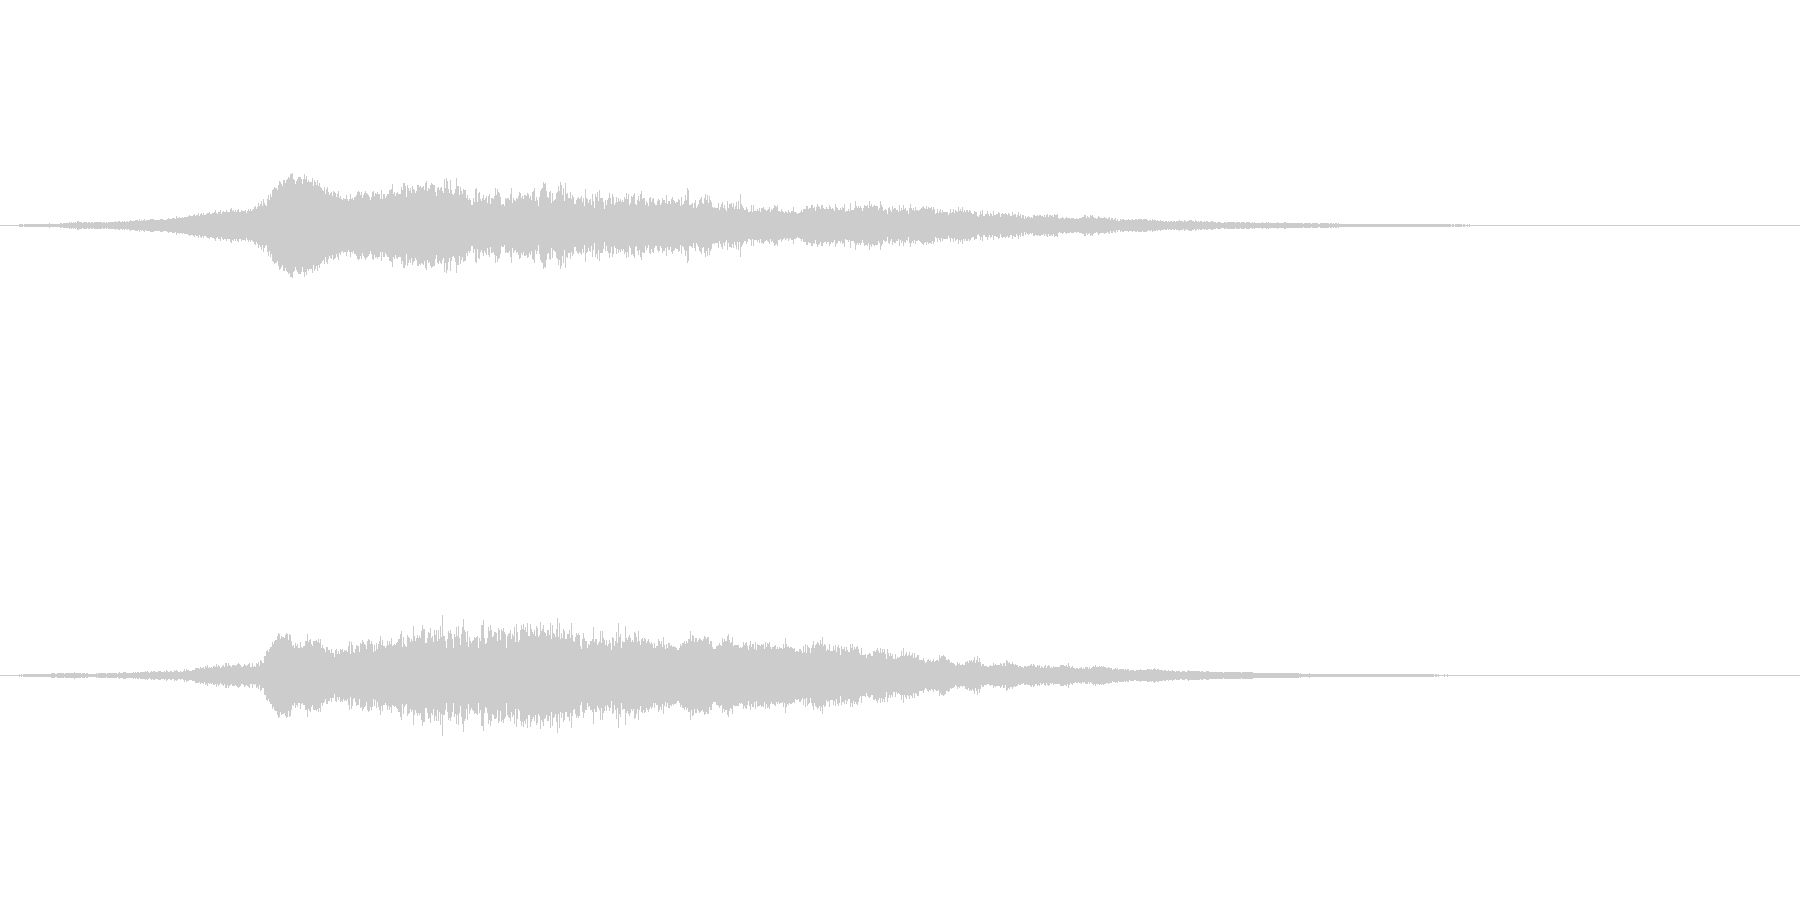 タイトル登場音の未再生の波形